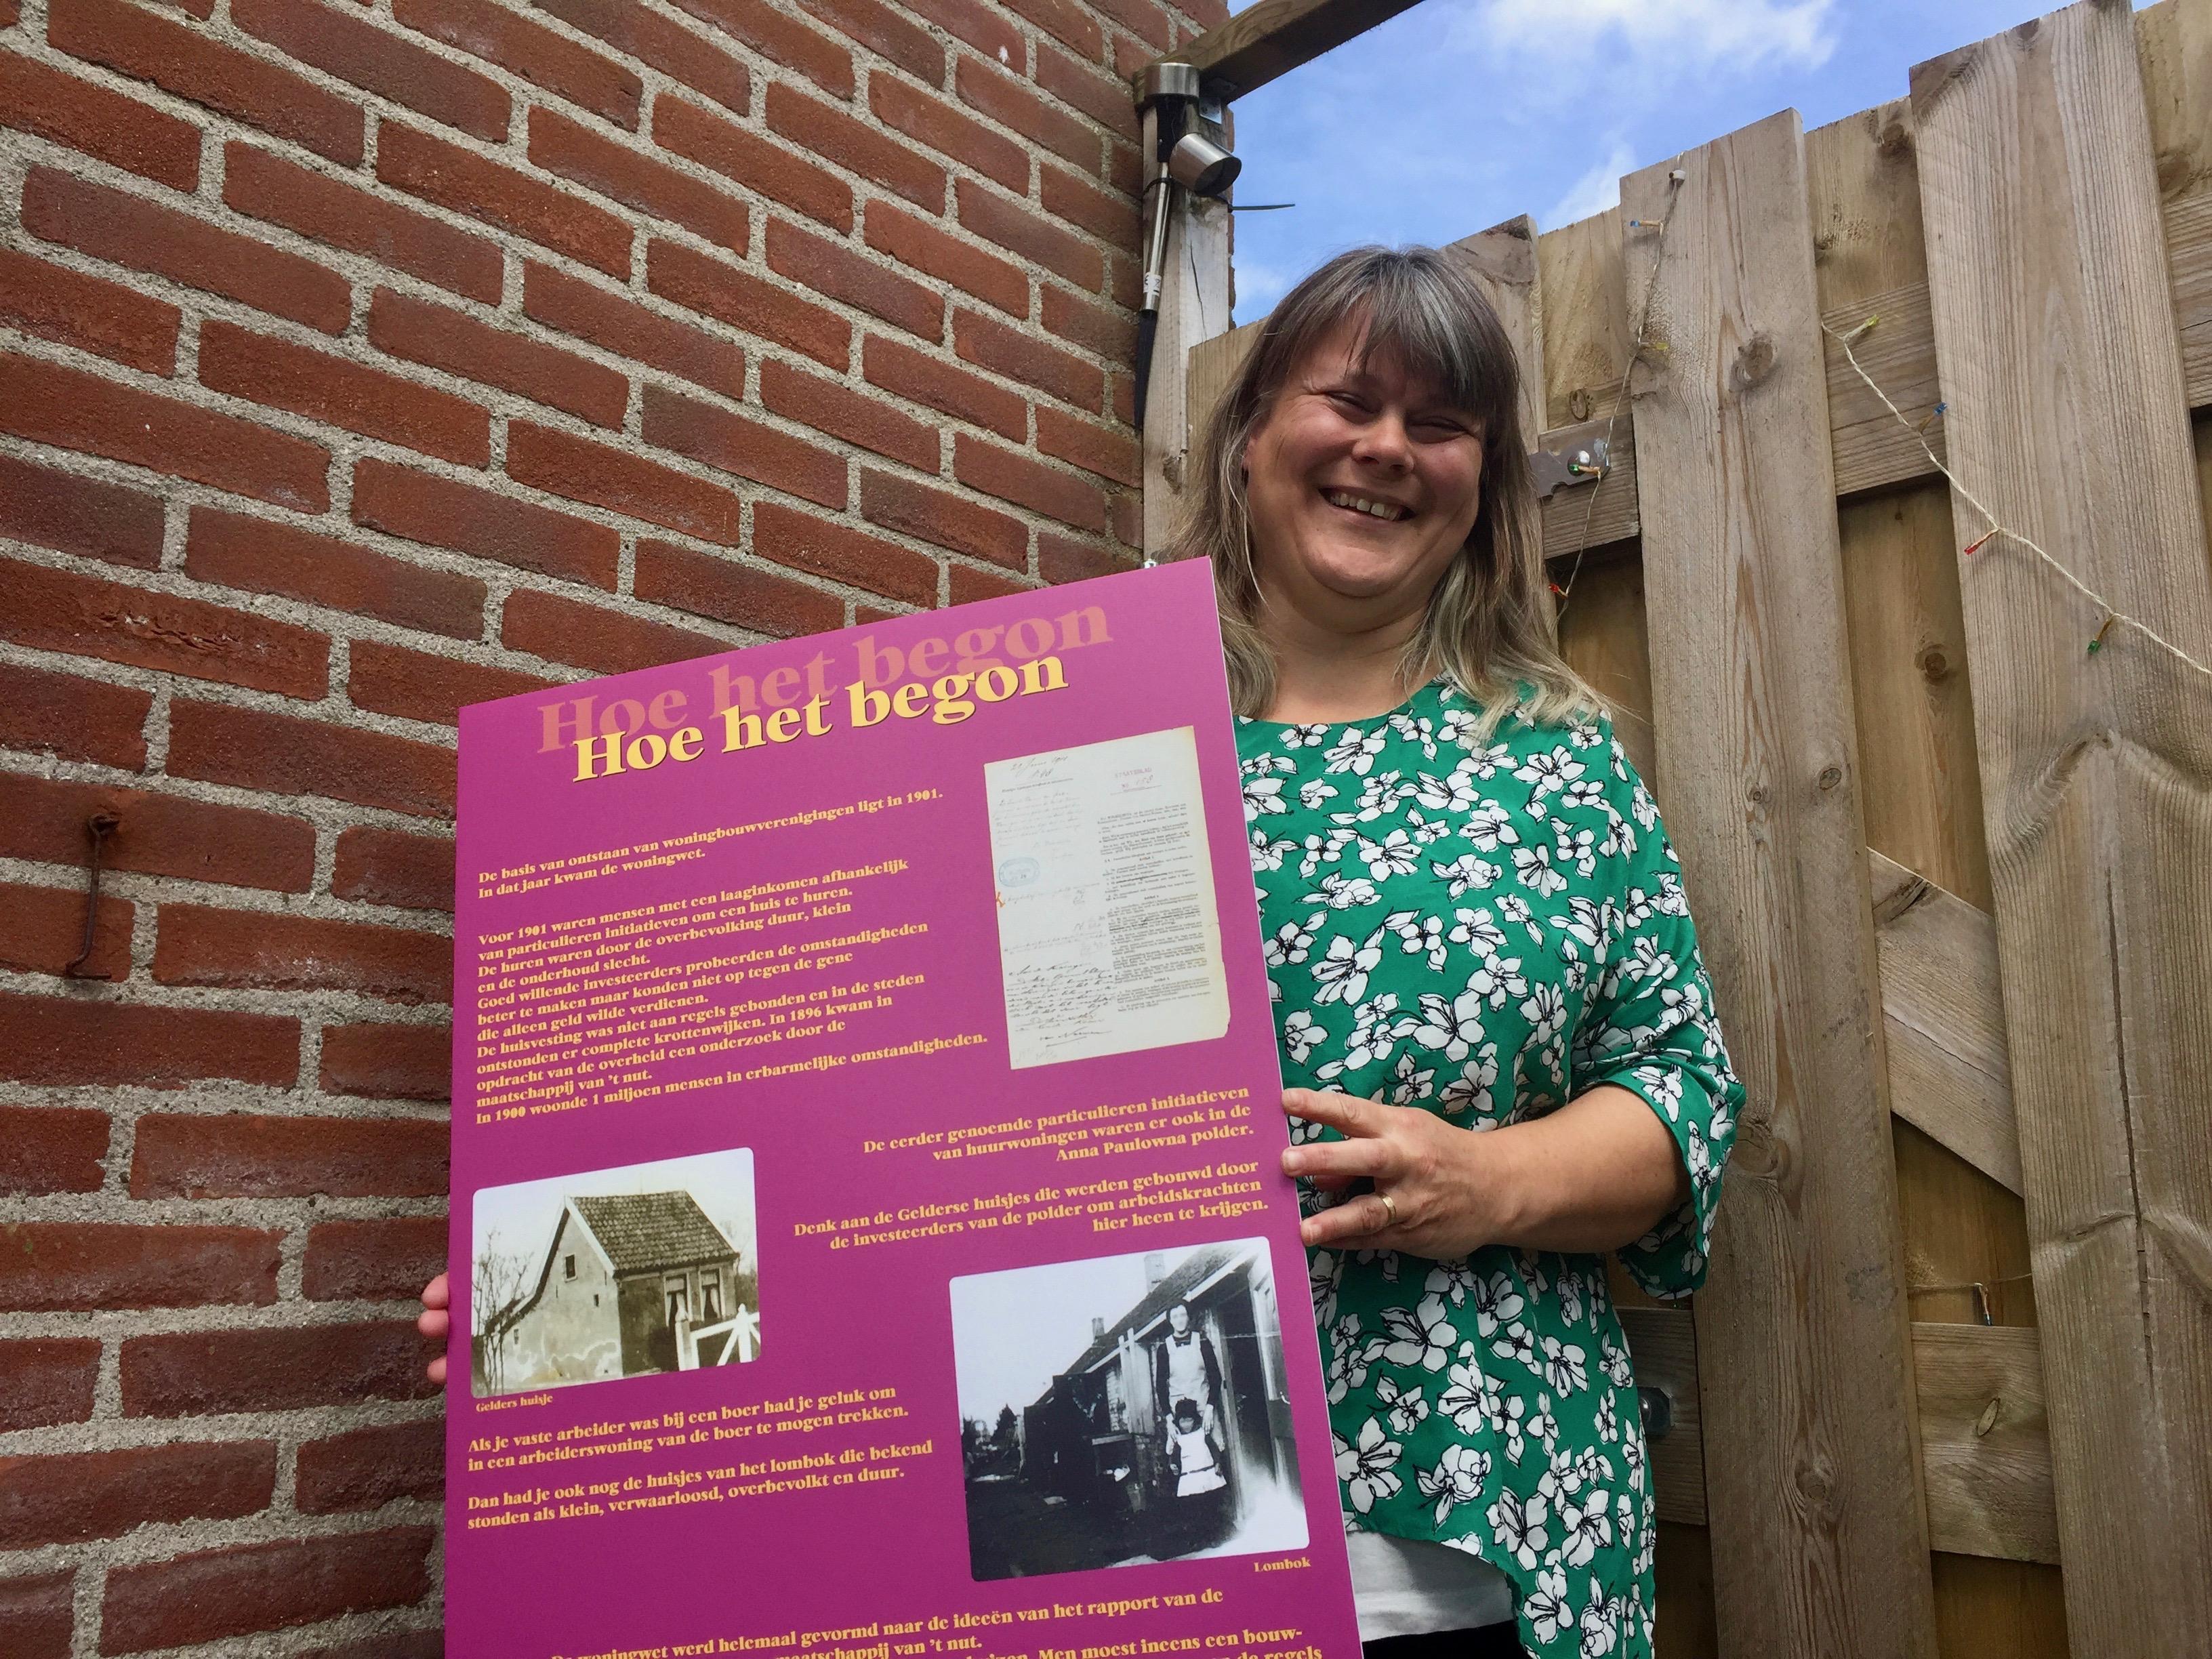 Geschiedenis van Woningstichting Anna Paulowna zat in kartonnen map dat met een touwtje was dichtgebonden